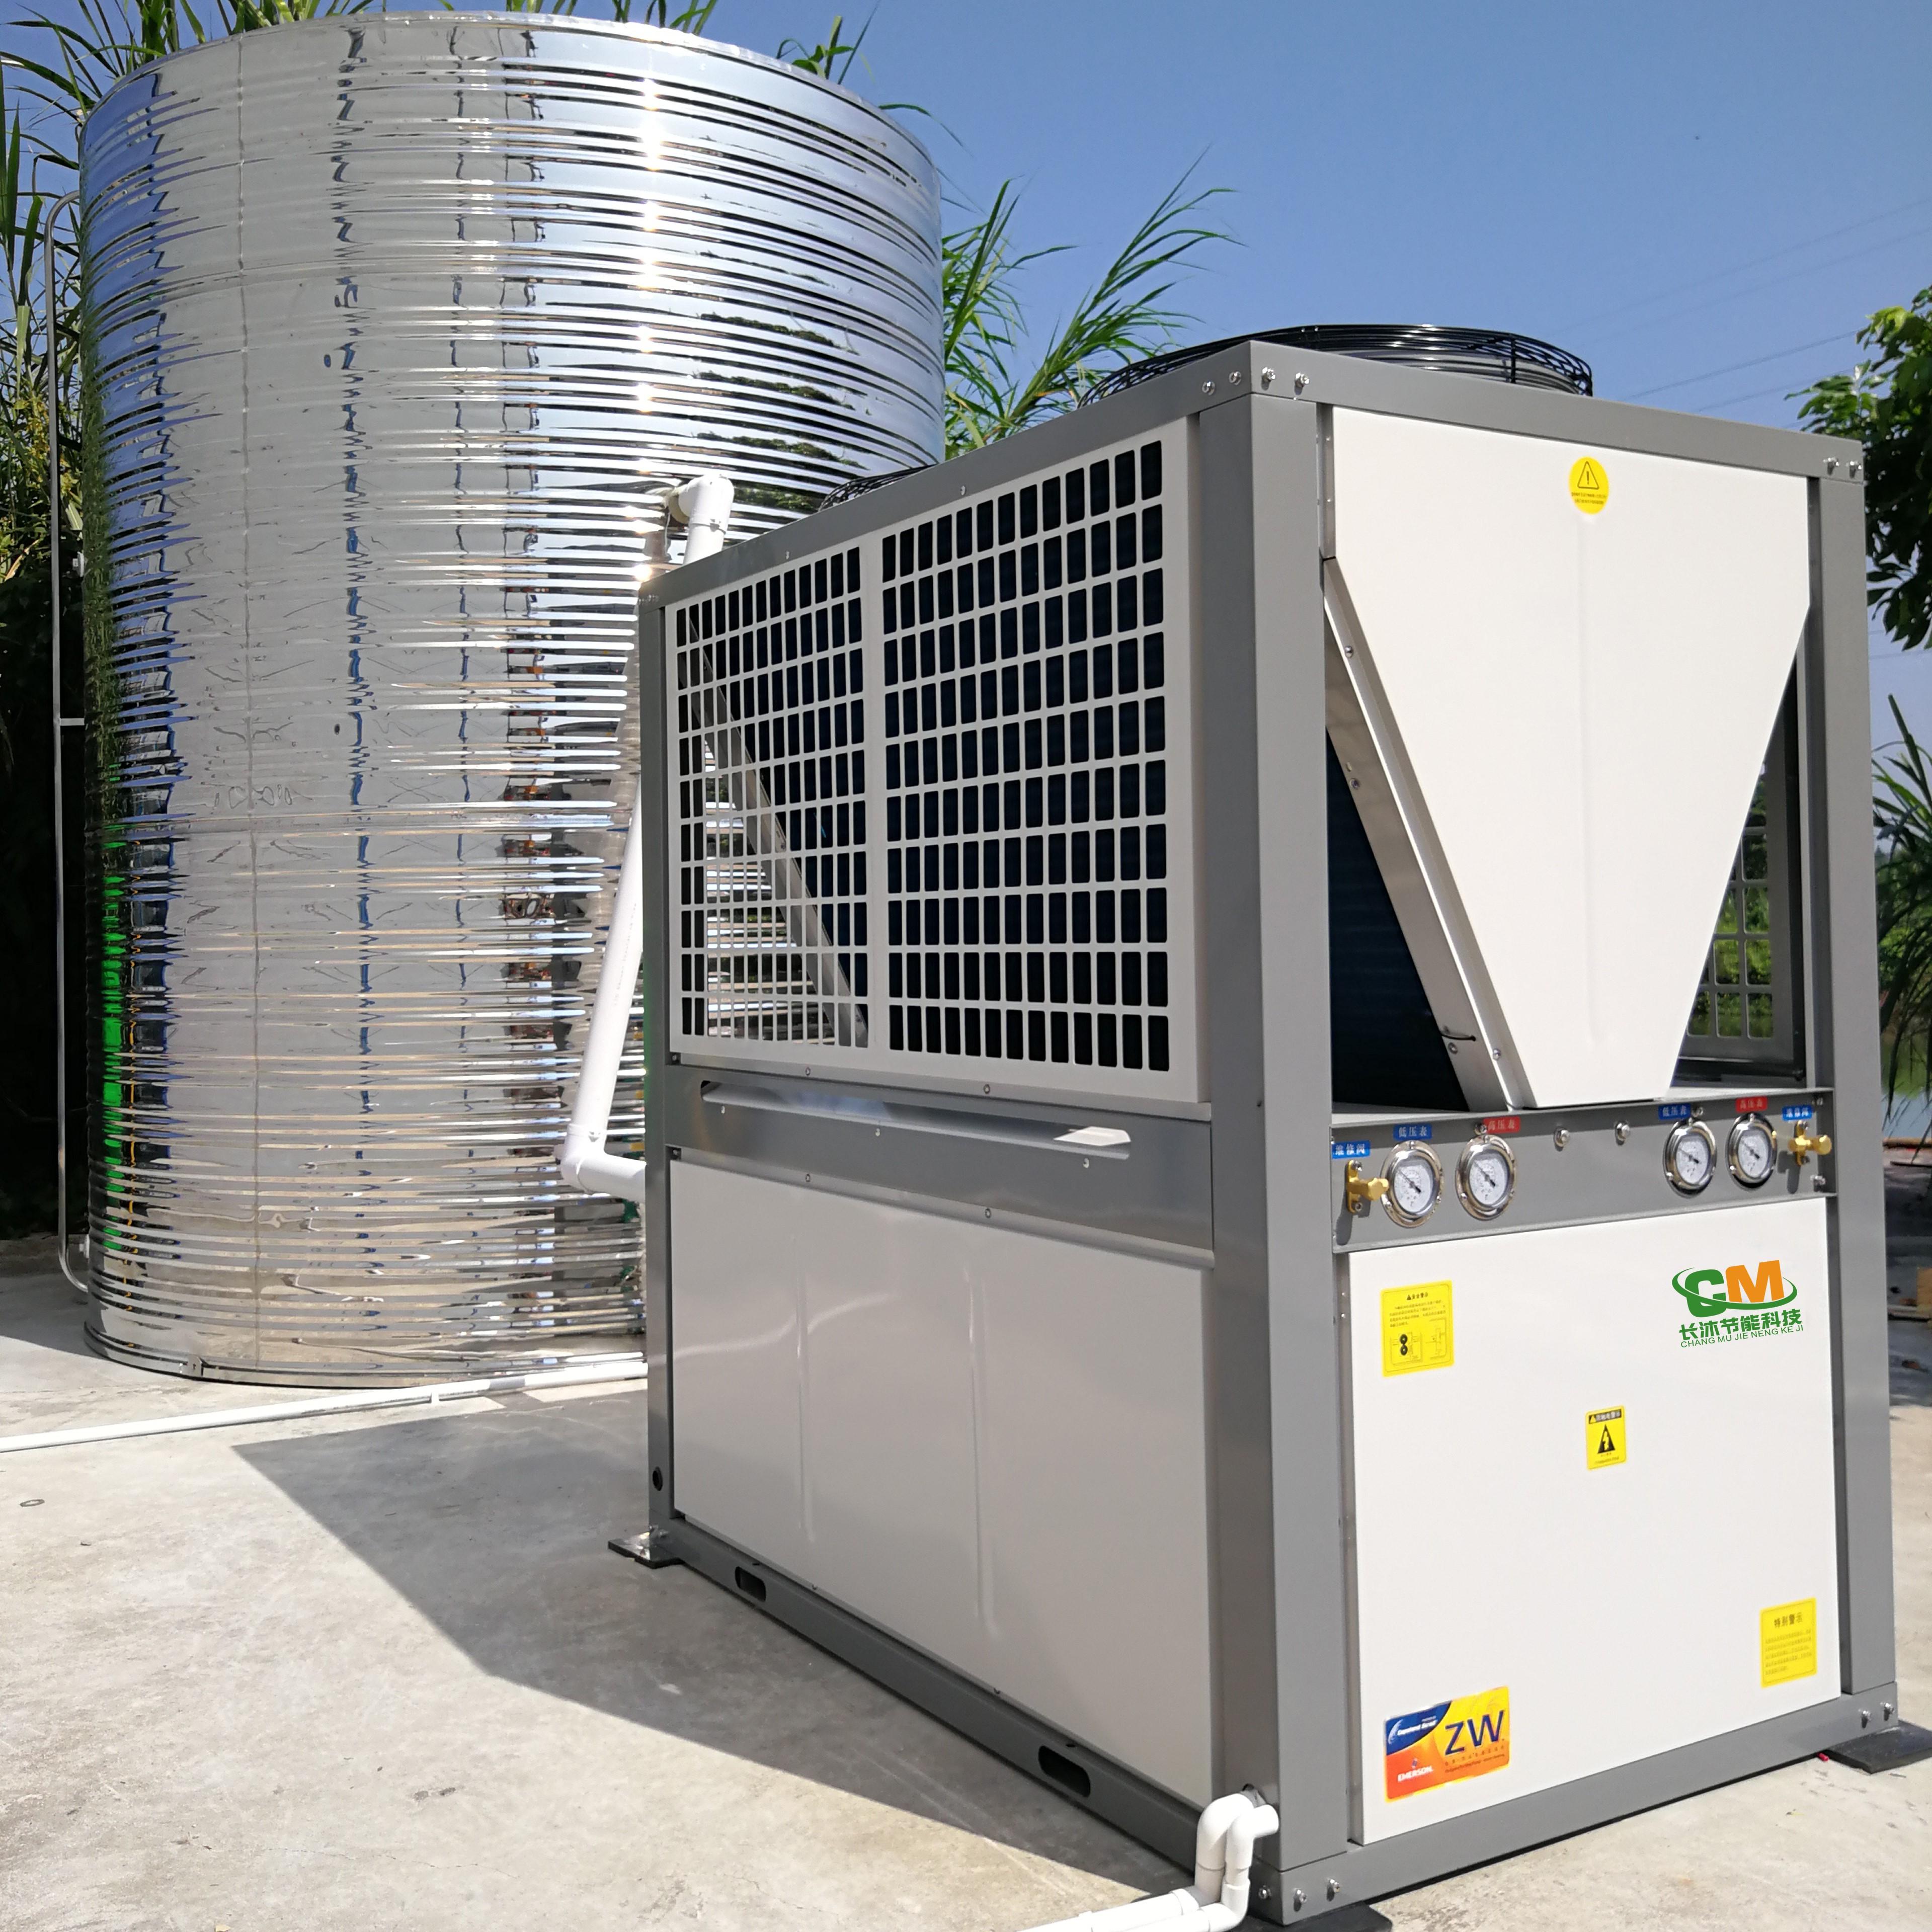 空气能热水器,空气源热泵,热泵热水器,空气能热水器品牌